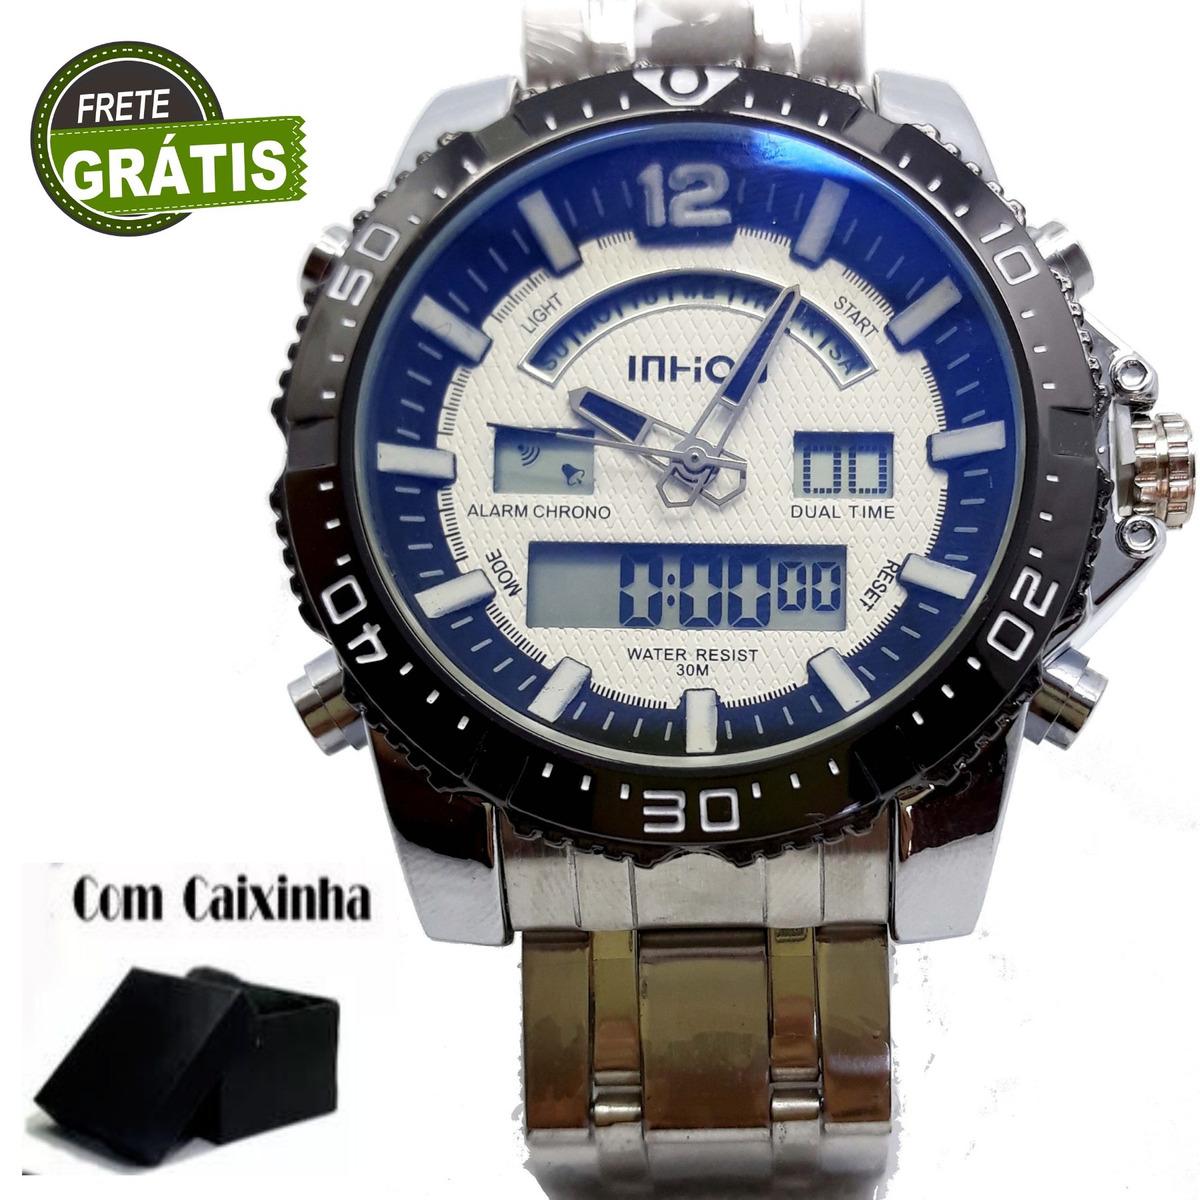 4abe0124a39 Relógio Esportivo Analógico E Digital + Caixinha + Frete - R  120